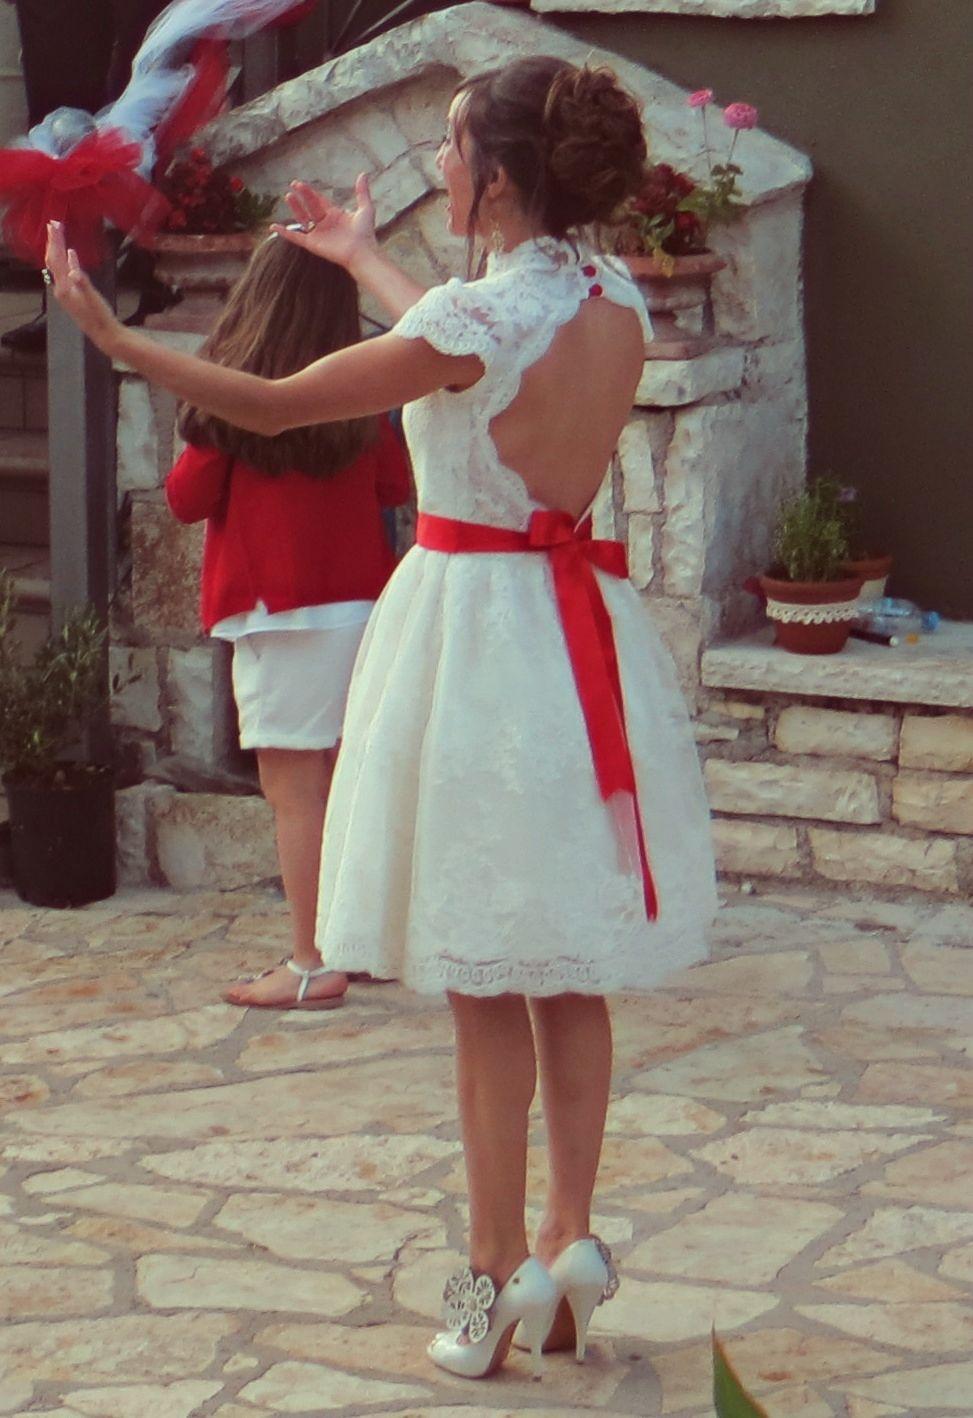 Pin By Monica On Wedding Ideas Short Wedding Dress Red Wedding Dresses Country Wedding Dresses